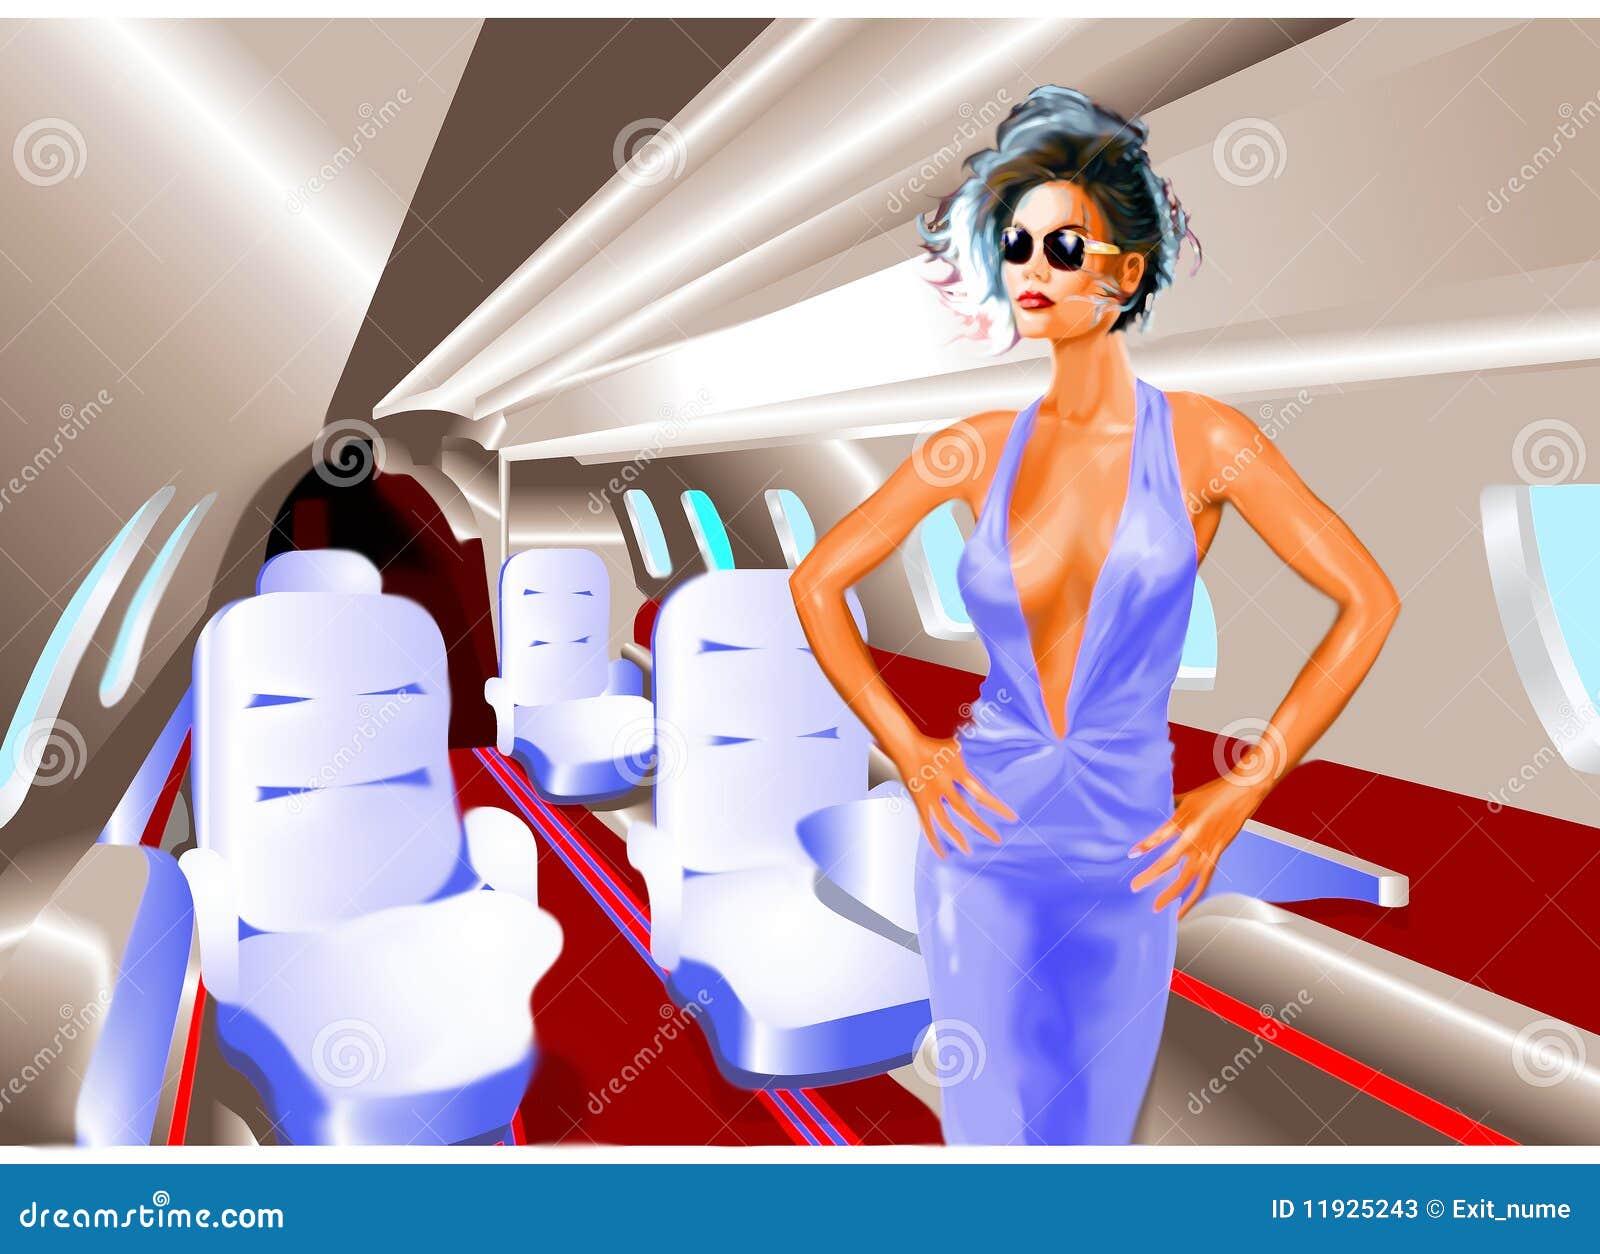 Femme élégant dans un avion à réaction privé